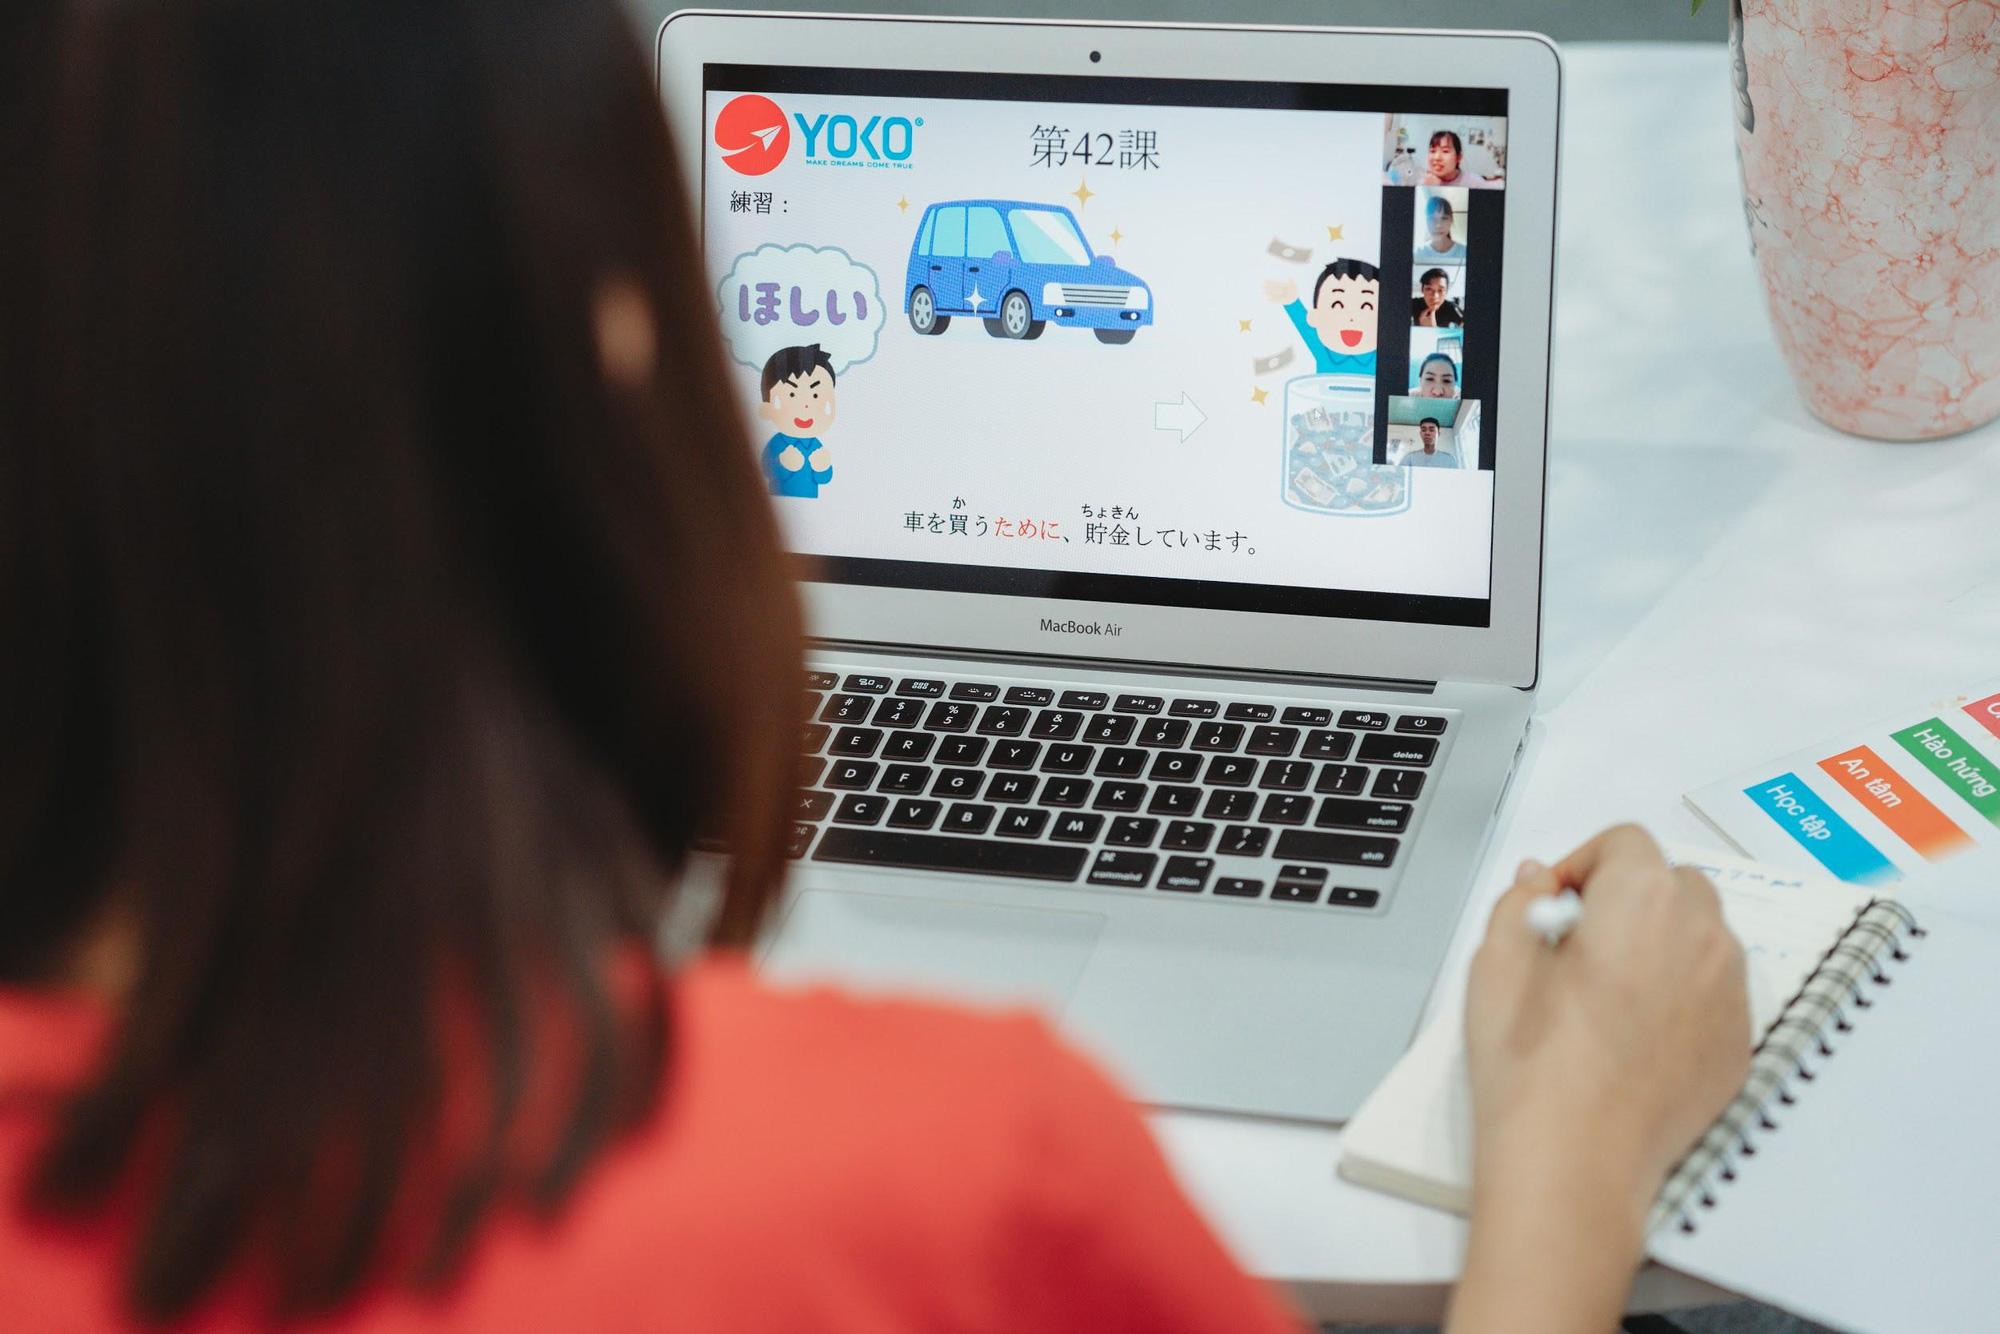 Miễn phí 100% khóa học online N4, N3 và khóa luyện thi tay nghề kỹ năng đặc định Tokutei tại Nhật Bản - Ảnh 2.